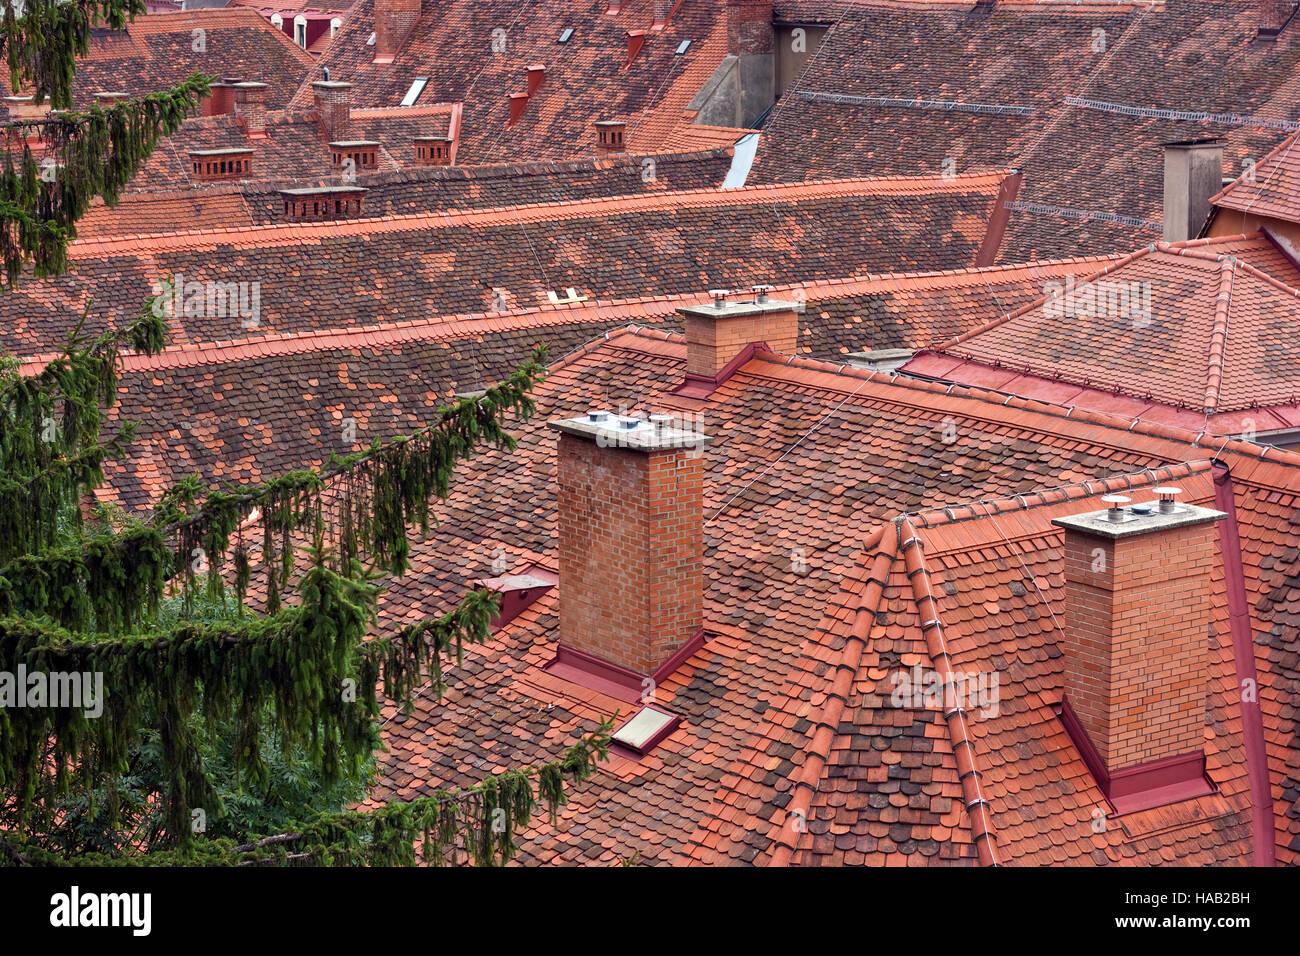 Inner city tiled roofs of Graz, Austria - Stock Image